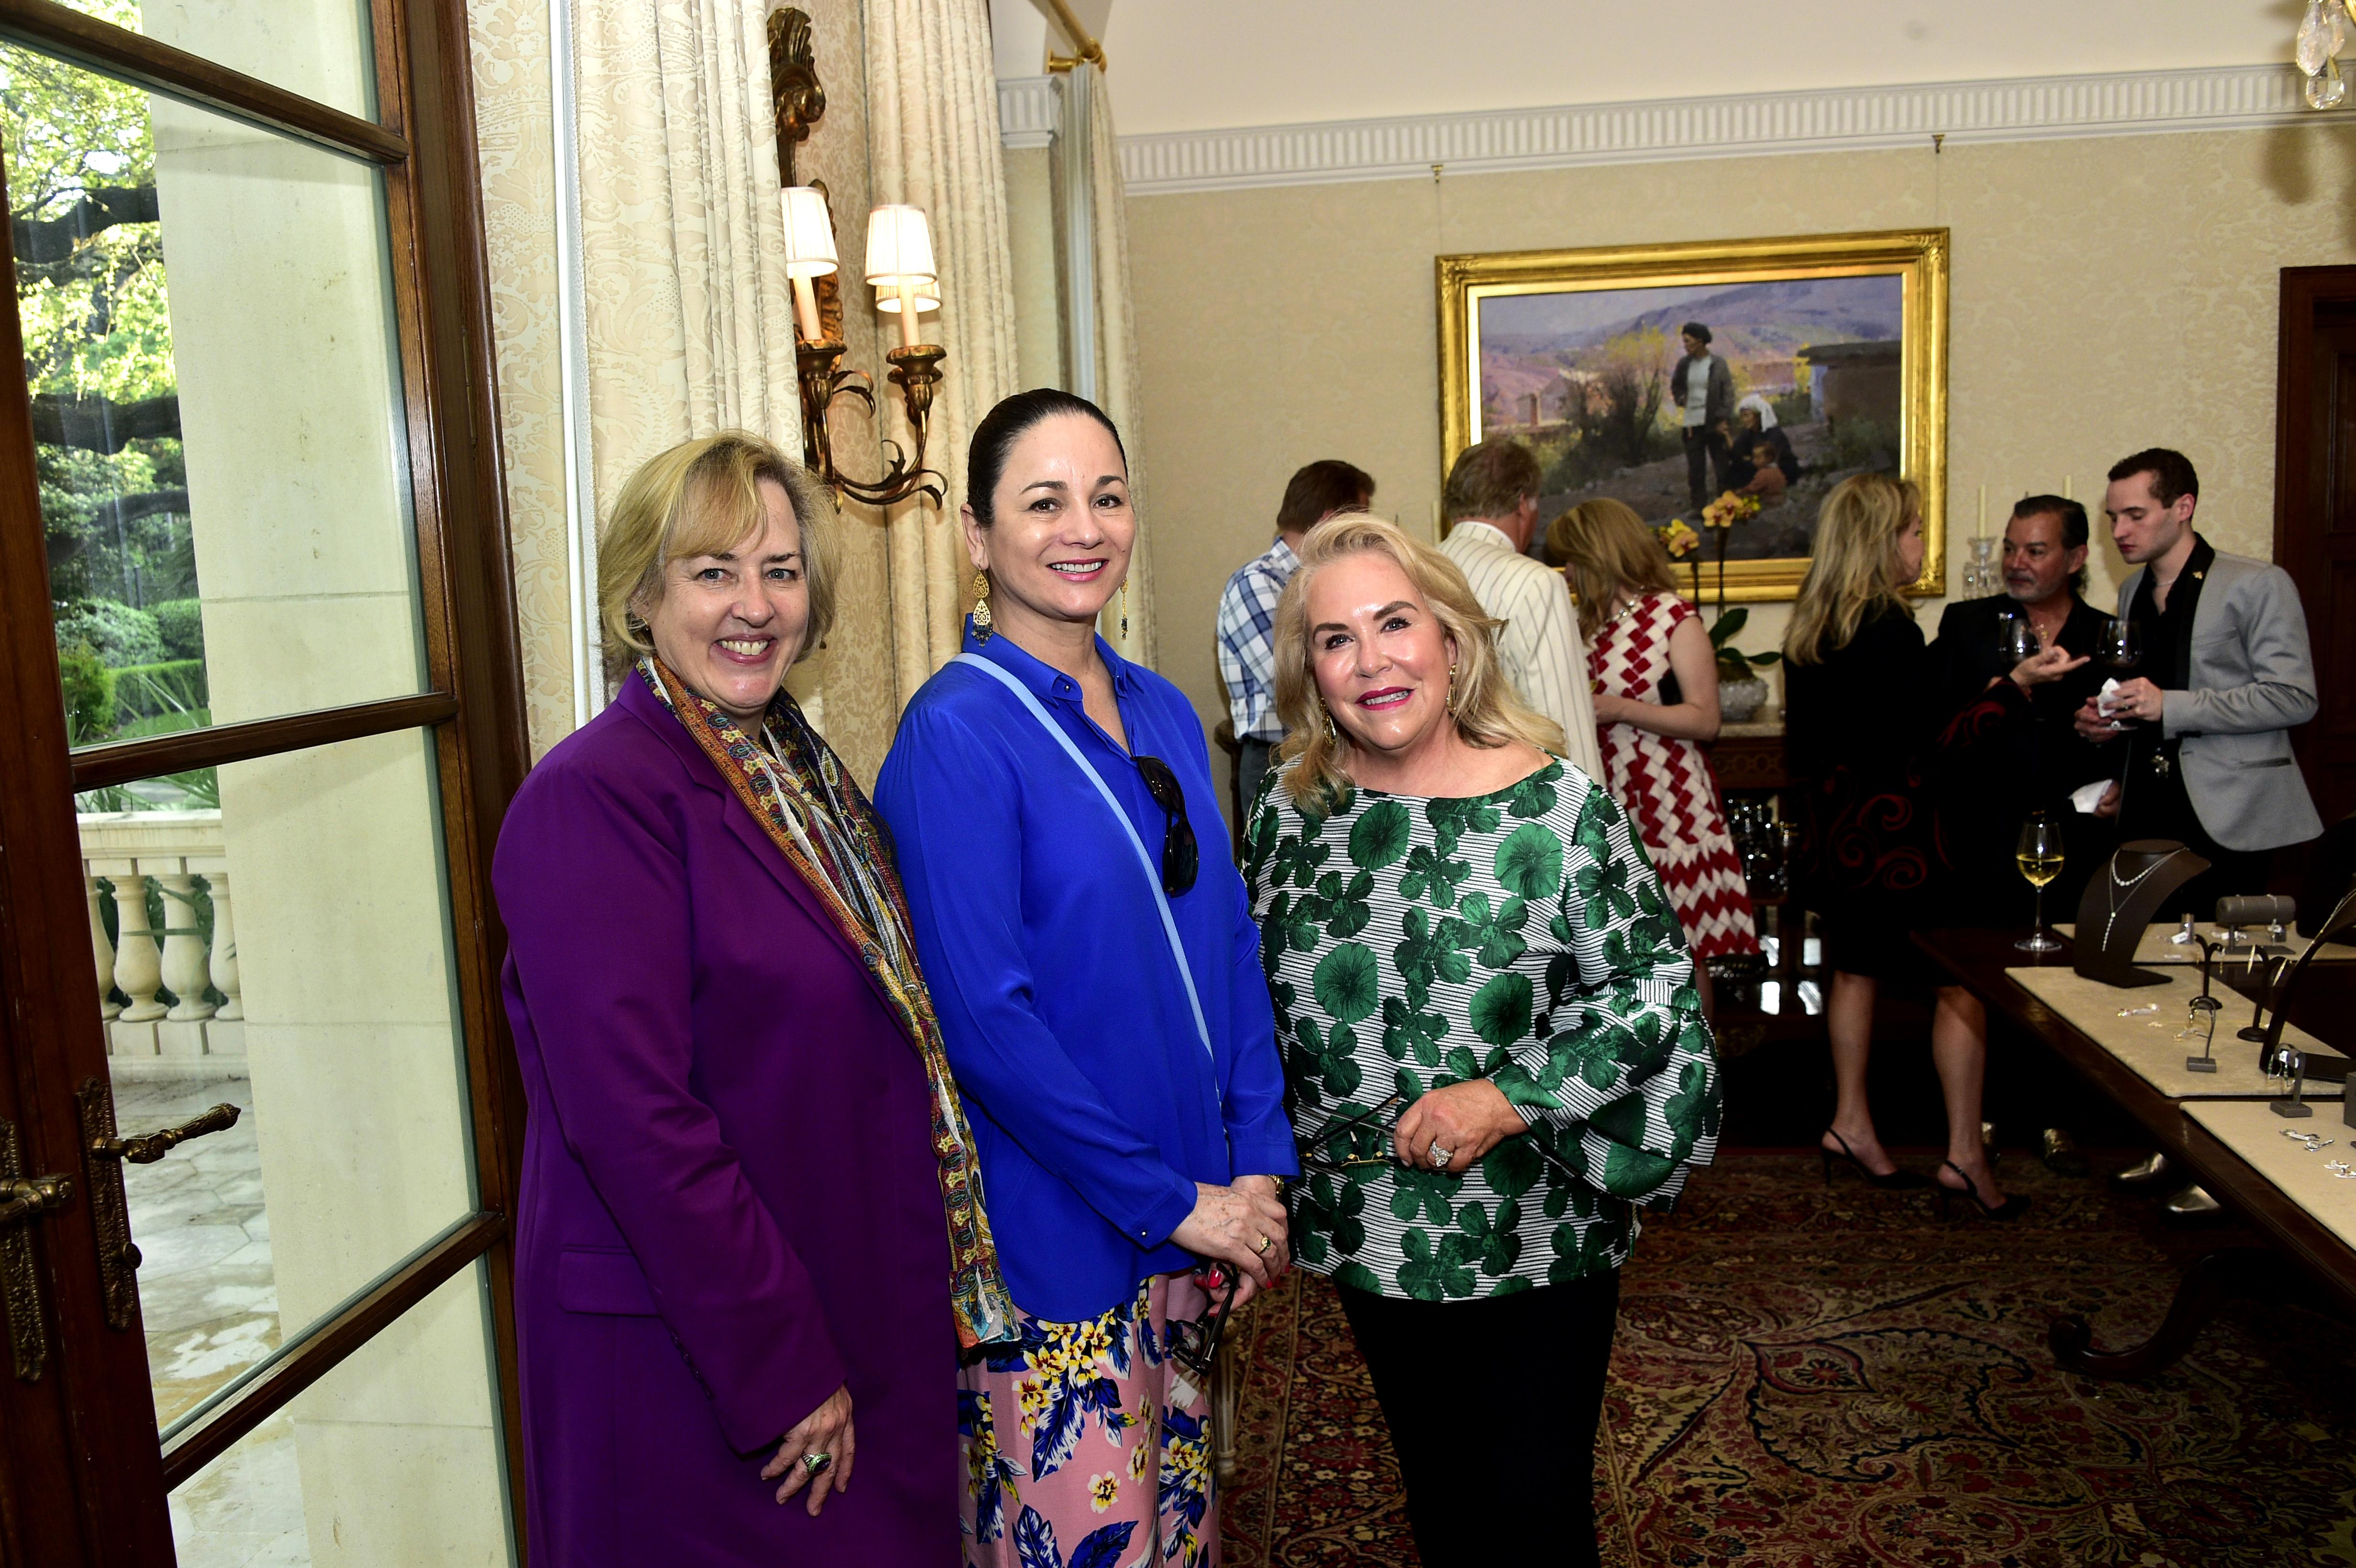 Katie Luber, Patricia Ruiz-Healy and Nancy Steves